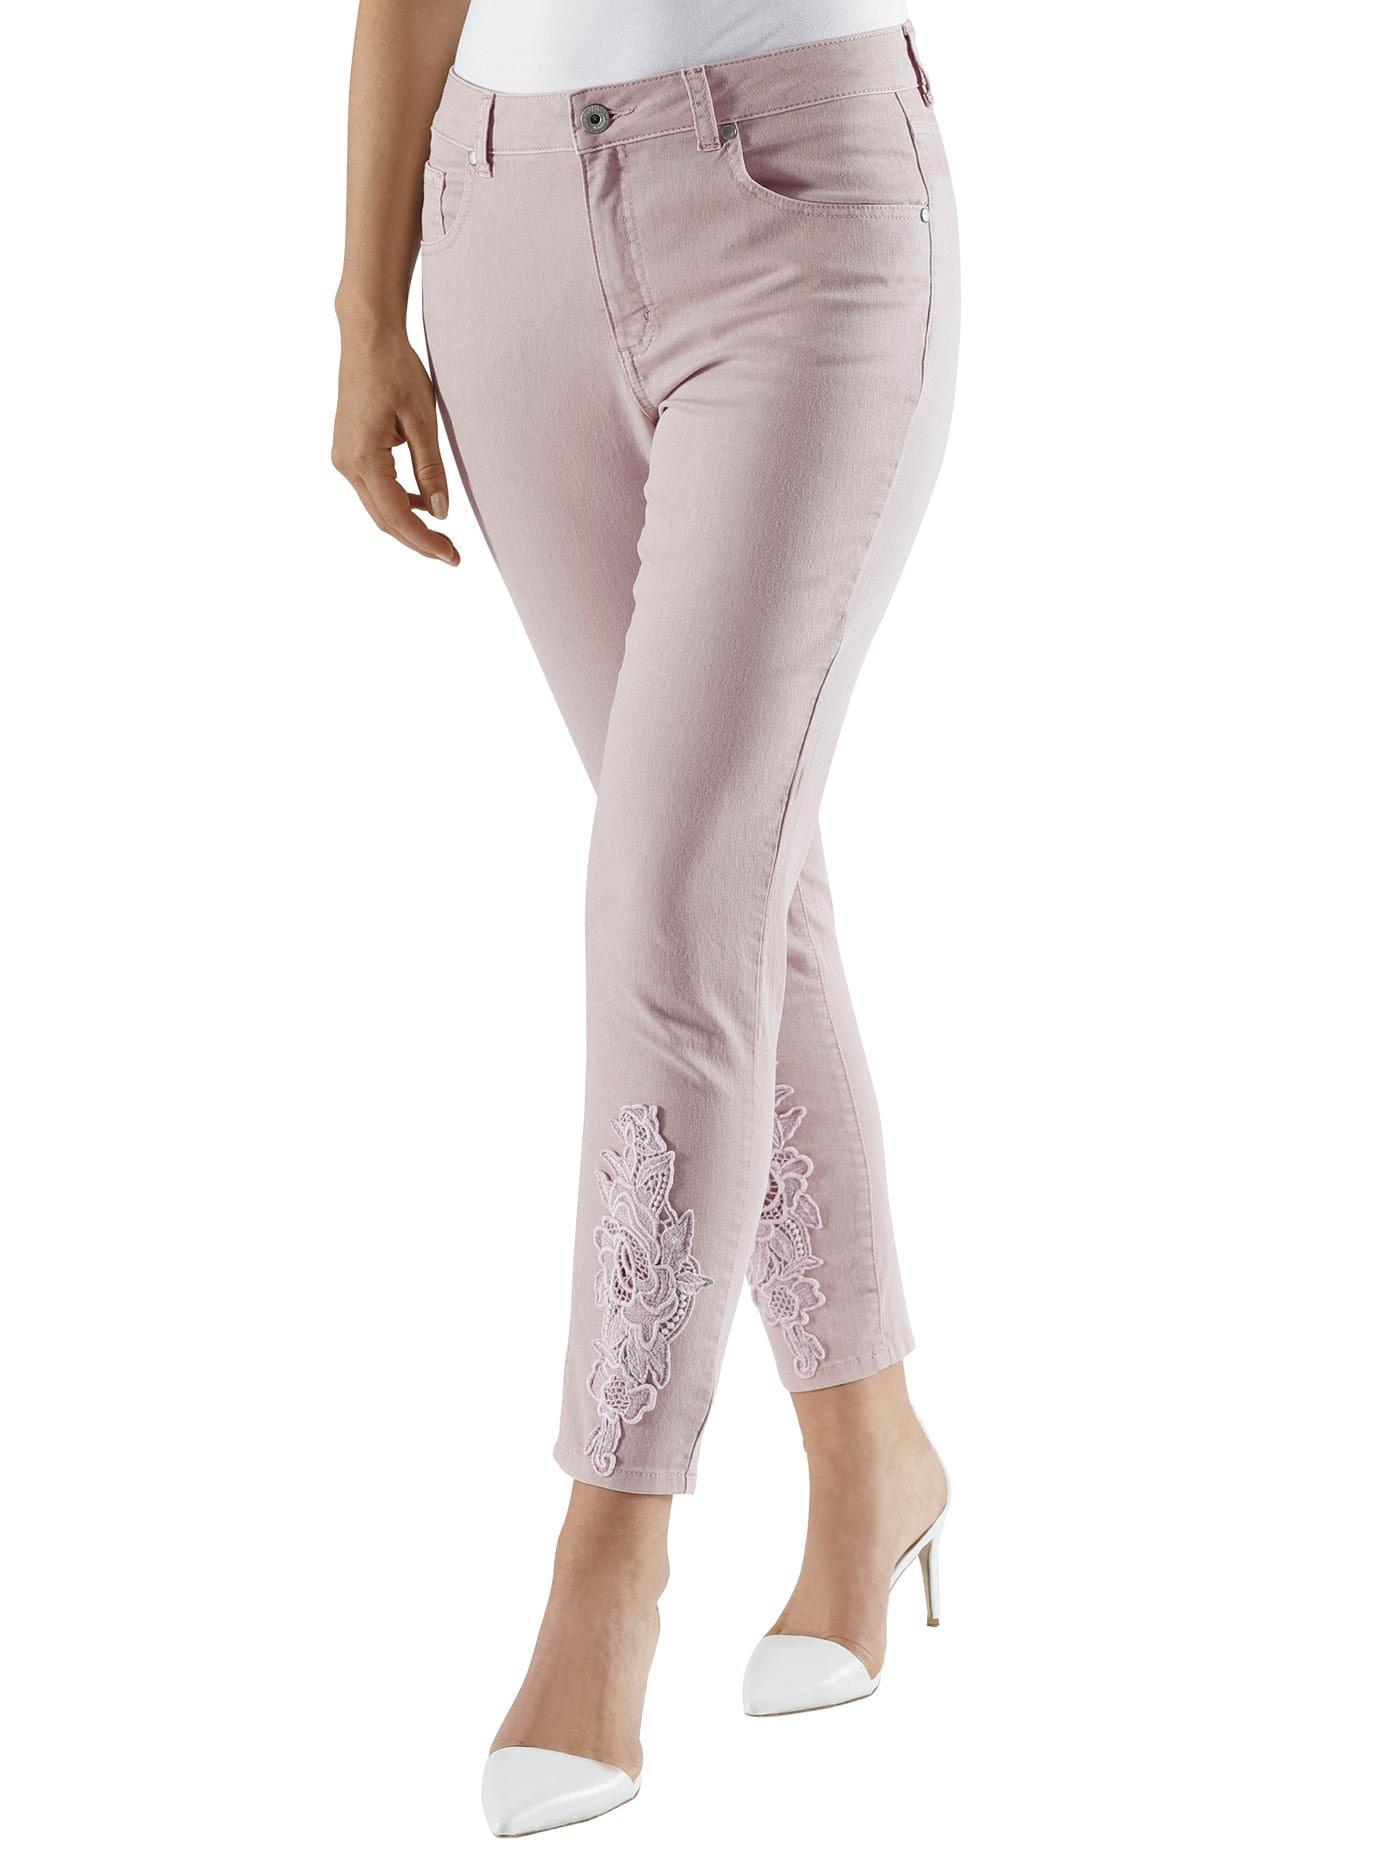 Lady 7/8-Hose aus elastischer Jeans-Qualität | Bekleidung > Hosen > 7/8-Hosen | Rosa | Jeans | Lady